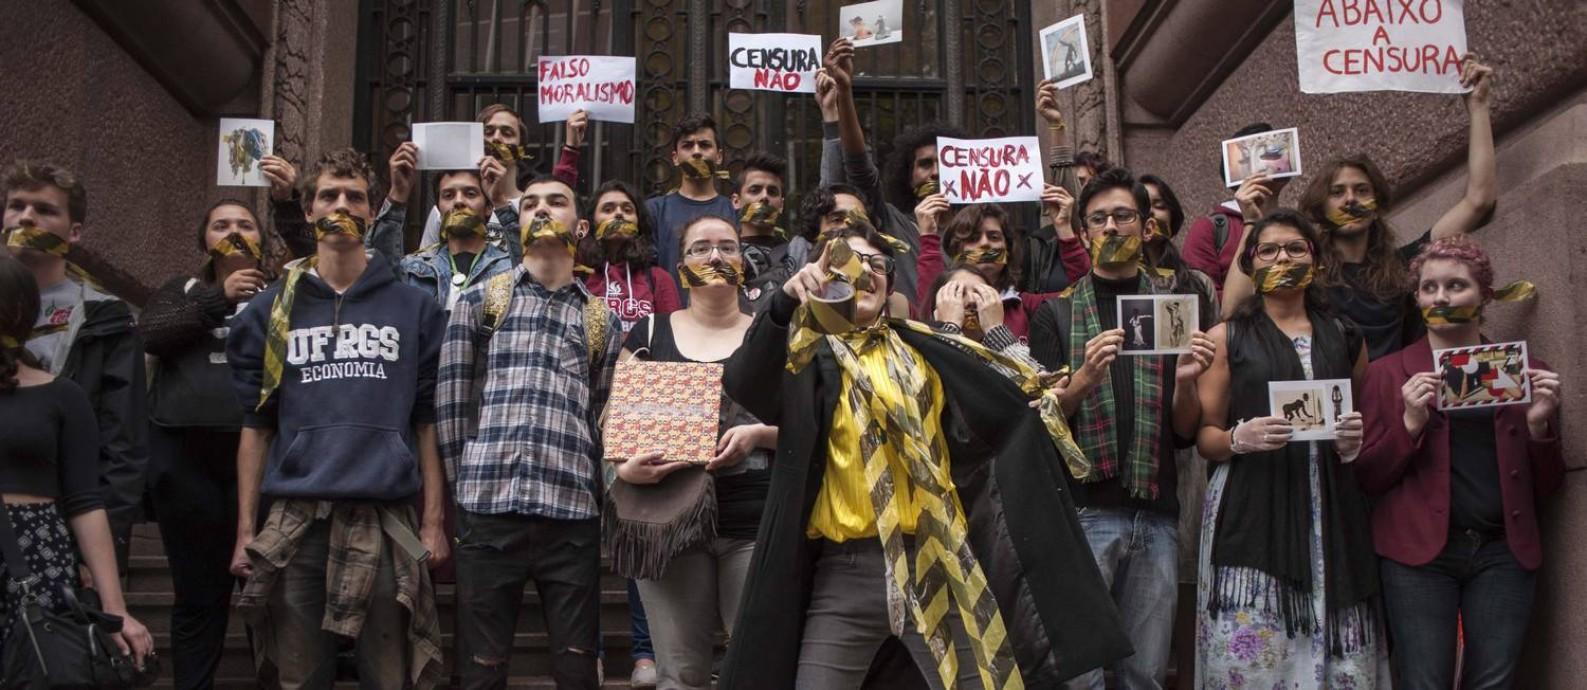 """Protesto no Santander Cultural, em 12 de setembro, contra o encerramento da """"Queermuseu"""": instituição terá duas mostras com temas semelhantes Foto: Cau Guebo/Raw Image/Agencia O Globo / Agência O Globo"""